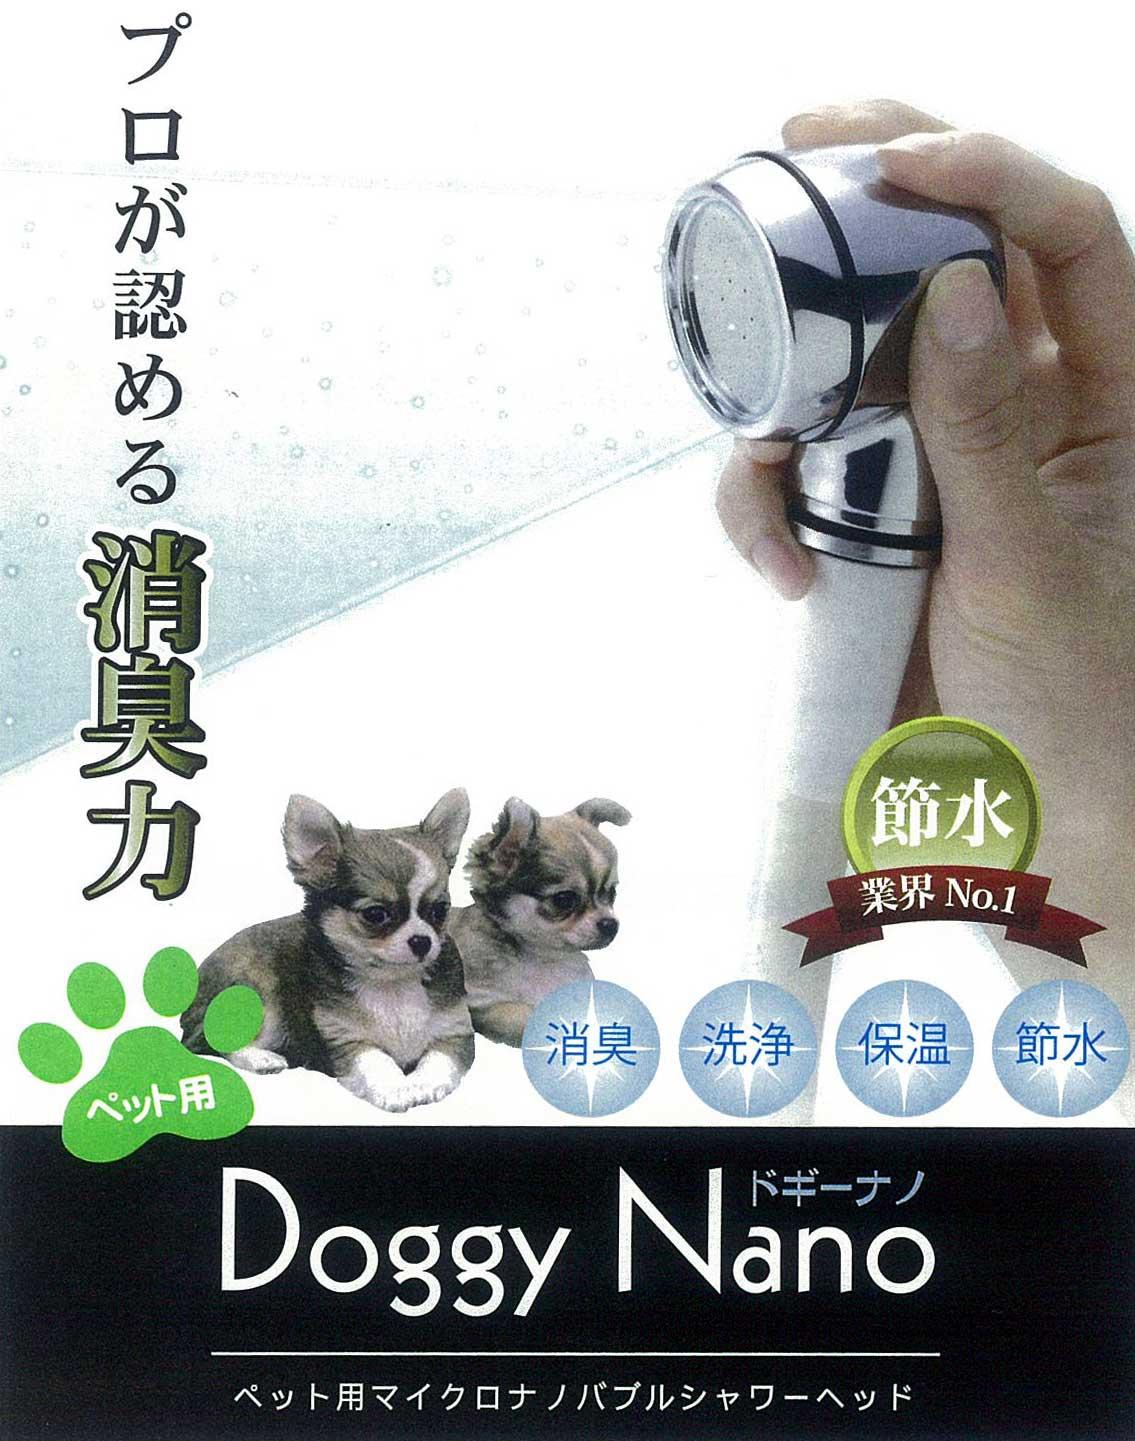 ペット用マイクロナノバブルシャワーヘッド『ドギーナノ』